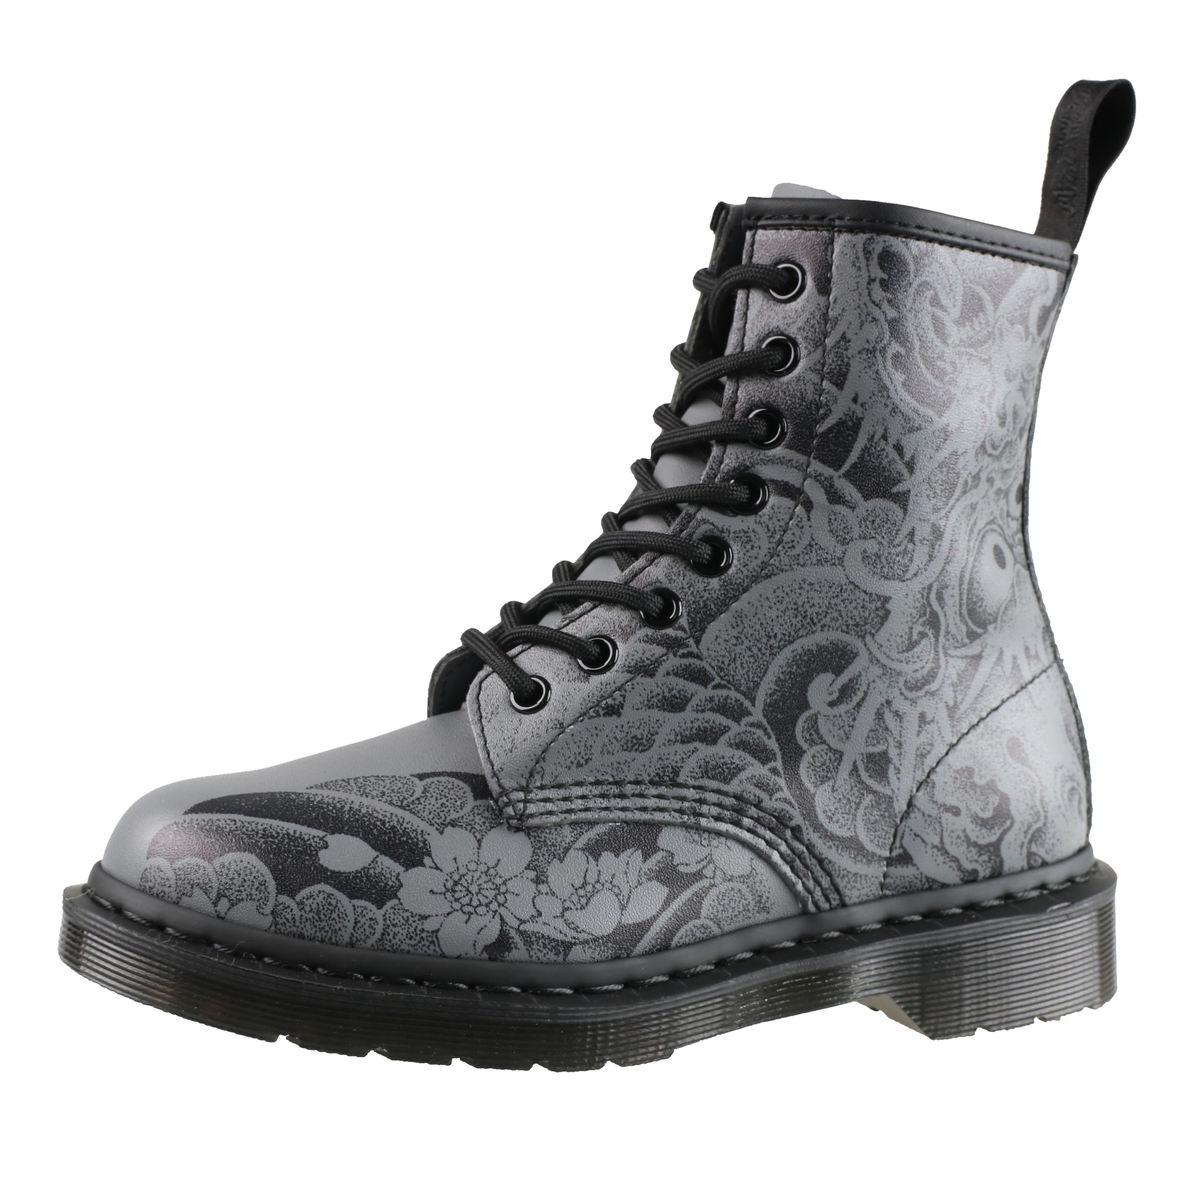 1f1877ef8b topánky Dr. Martens - 8 dierkové - 1460 ot Tattoo - Black Gunmetal -